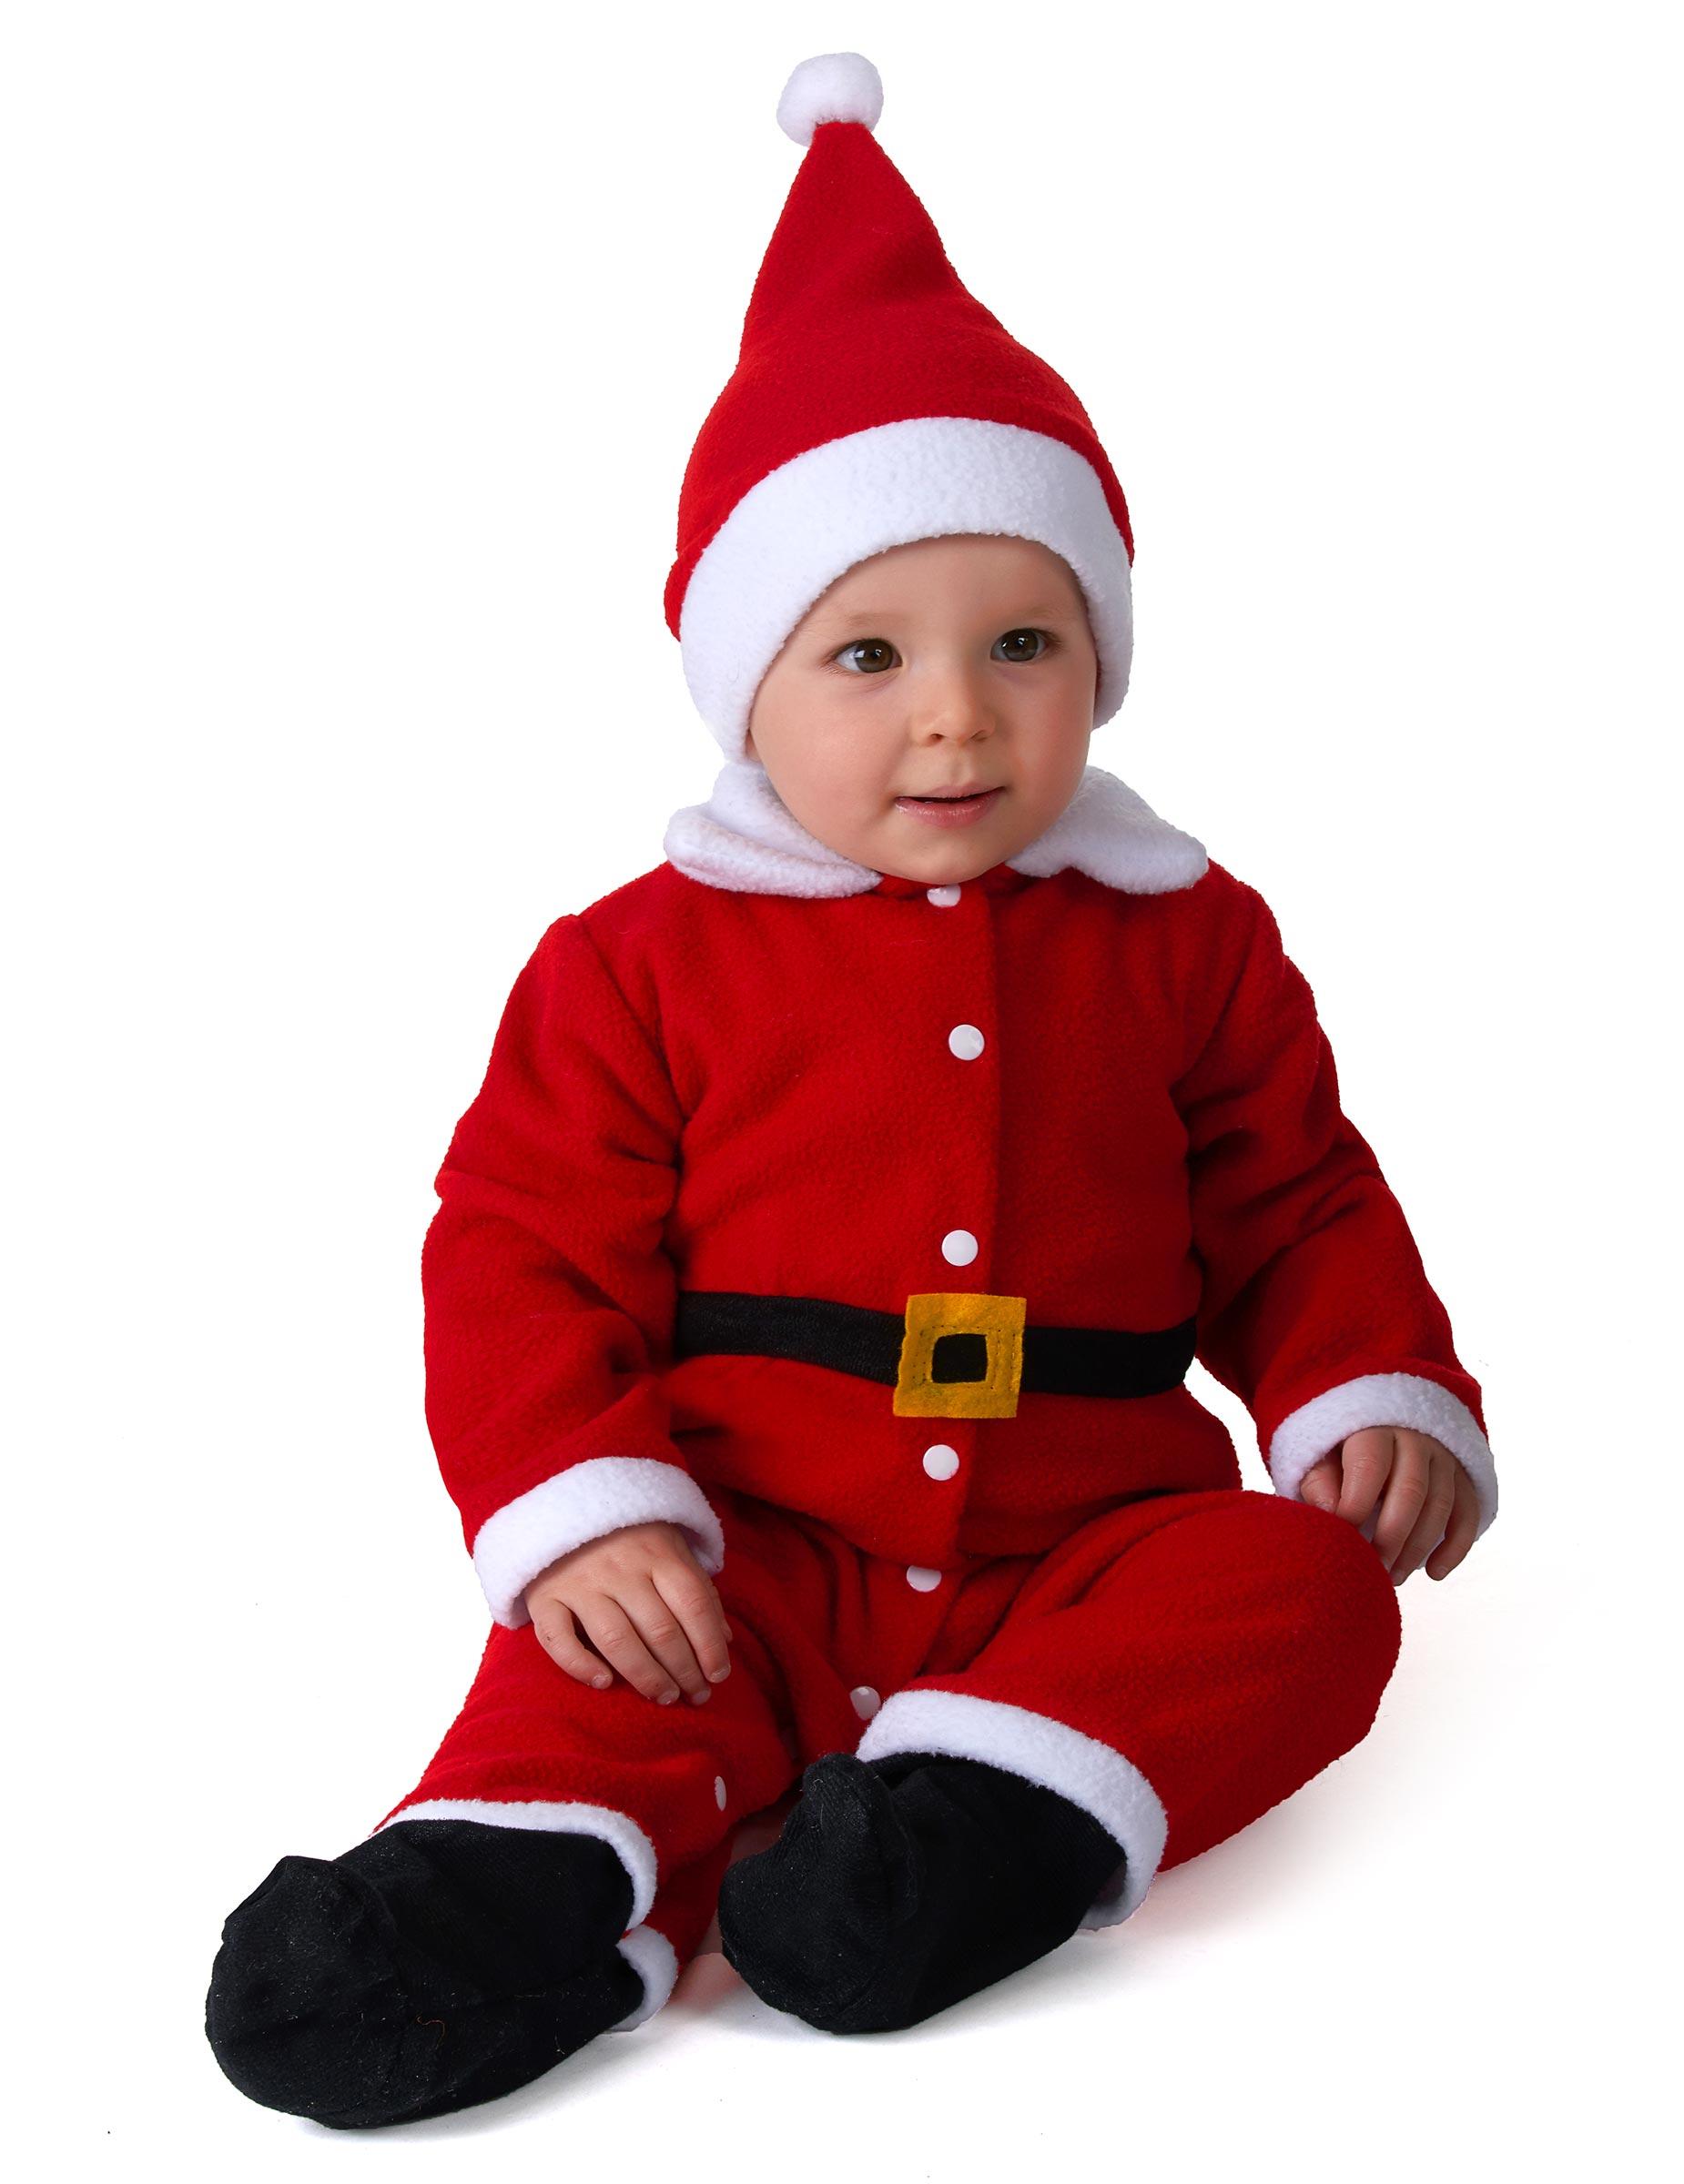 Deguisetoi Déguisement Père Noël bébé - Taille: 6 à 12 mois